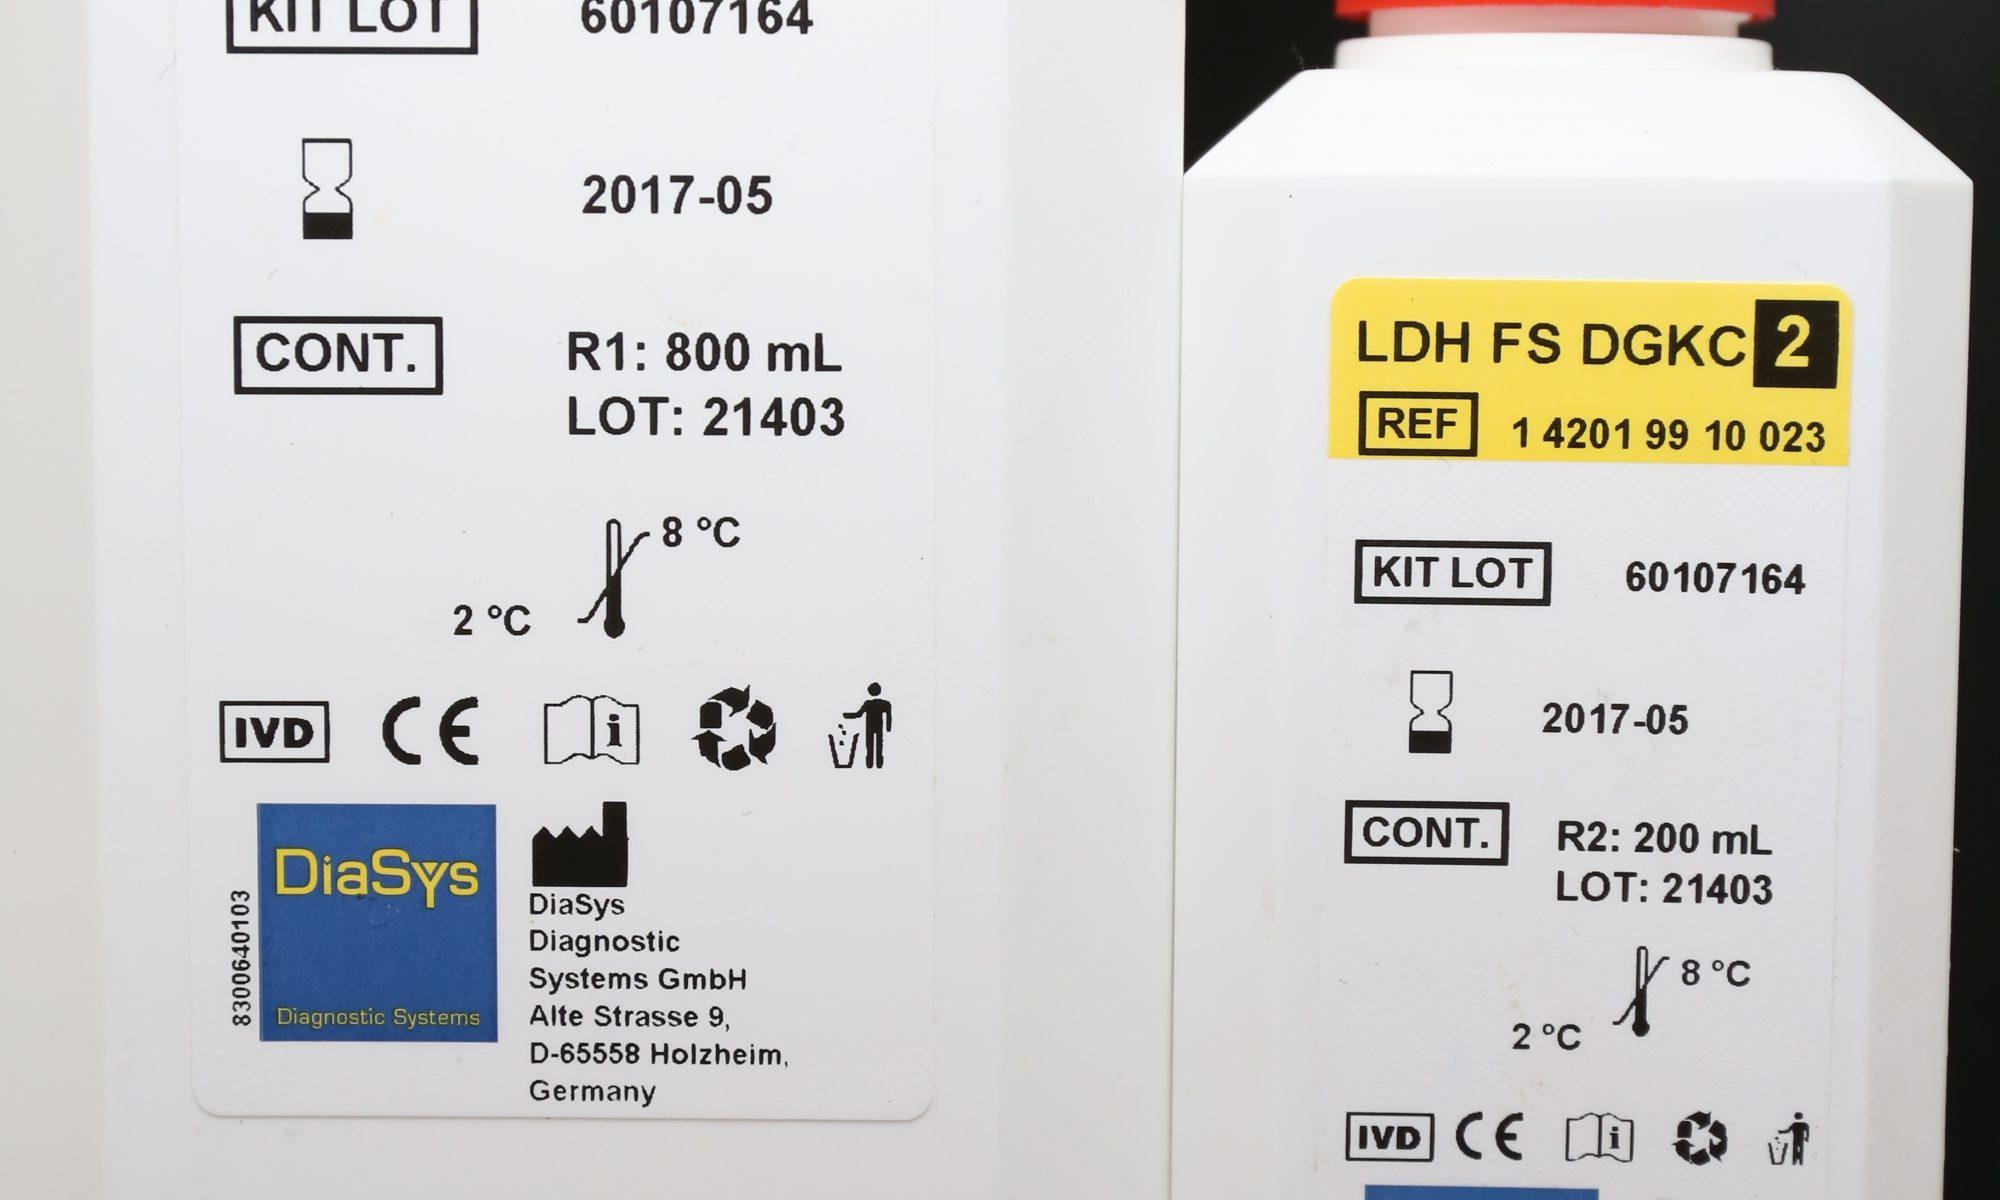 LDH 乳酸脫氫酶液體試劑盒 – 鈦化企業有限公司